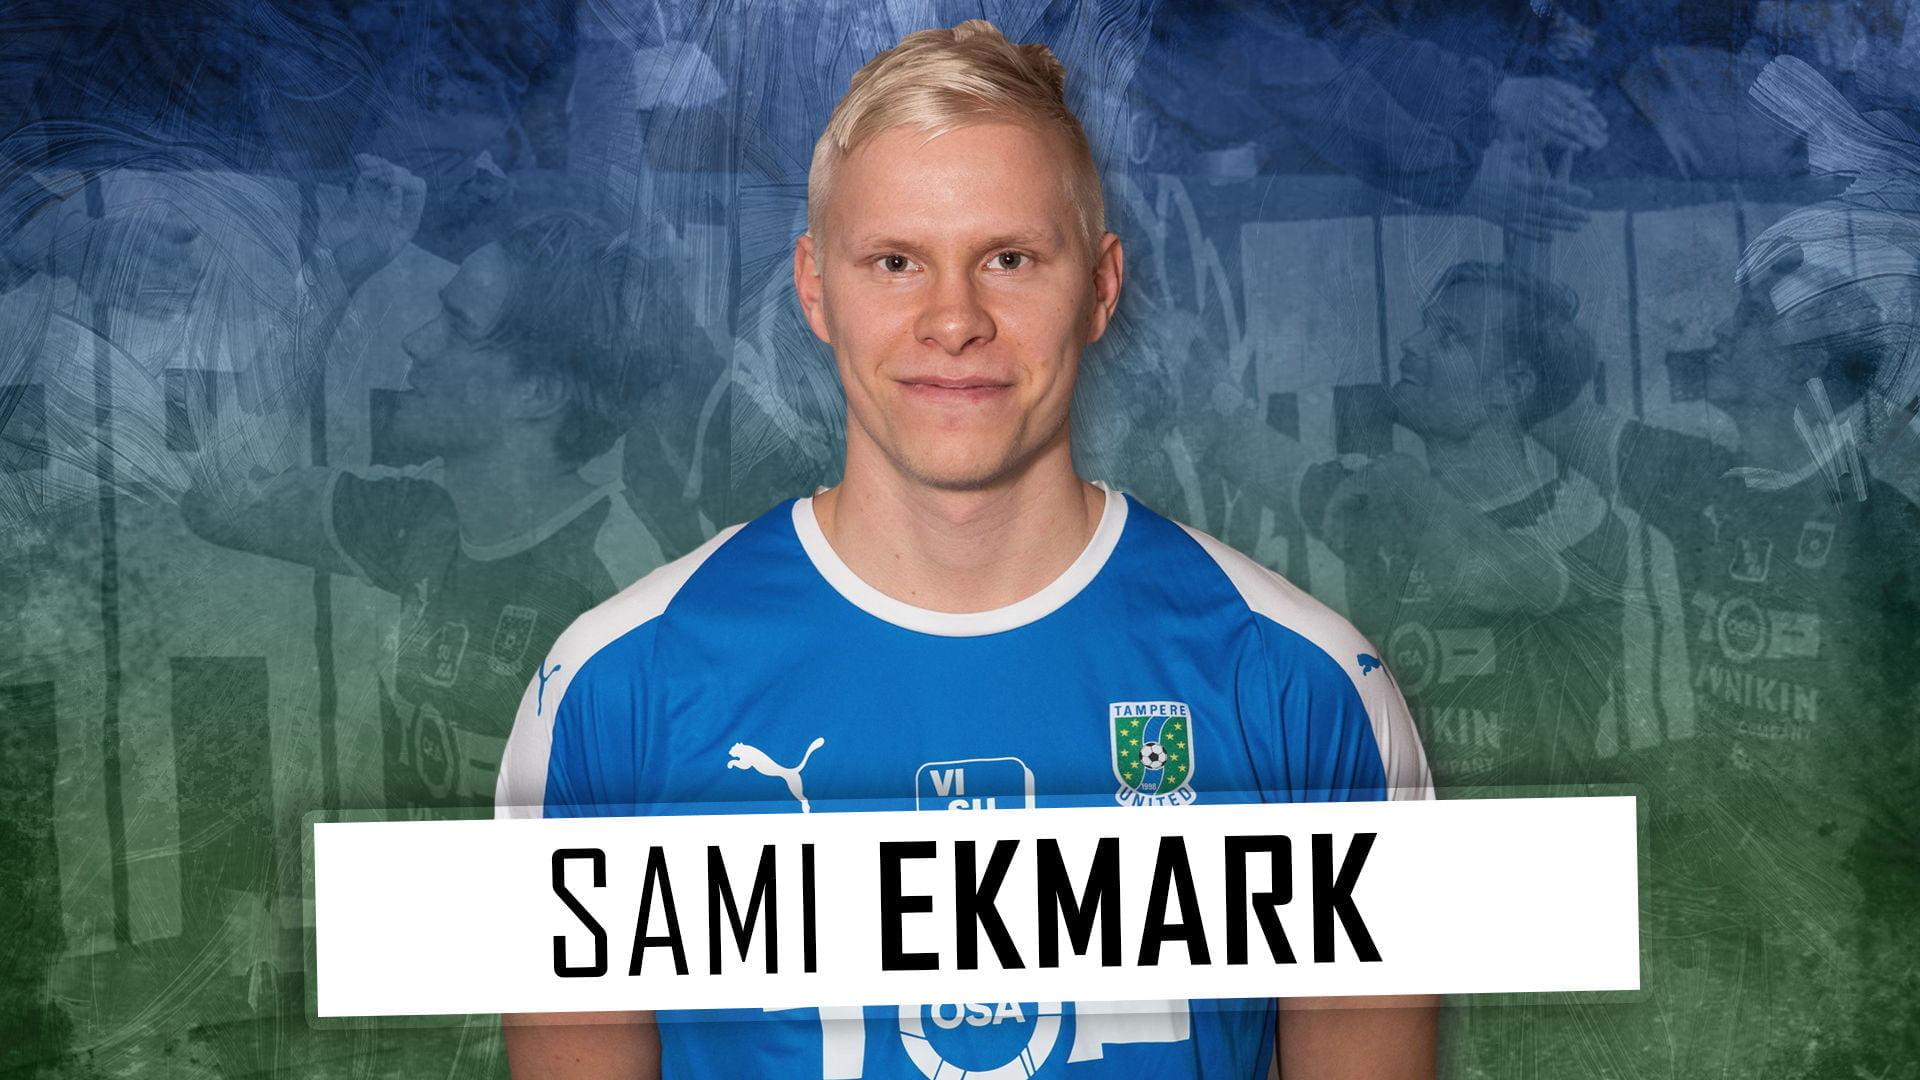 Sami Ekmark tuo johtajuutta Tampere Unitedin puolustukseen -uutiskuva